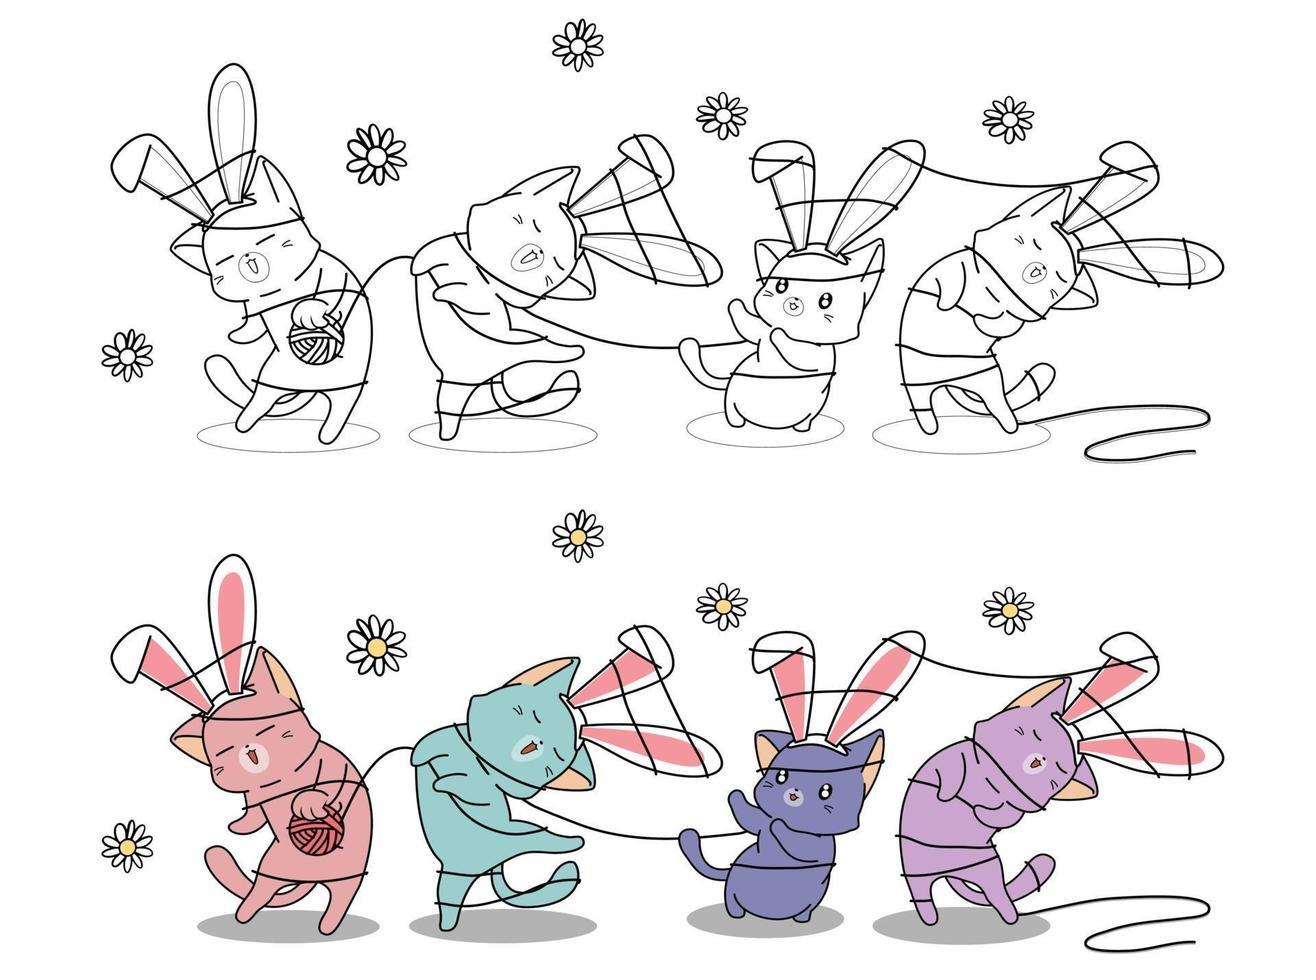 konijntjeskatten verstrikt in een touwtje, kleurplaat voor kinderen vector